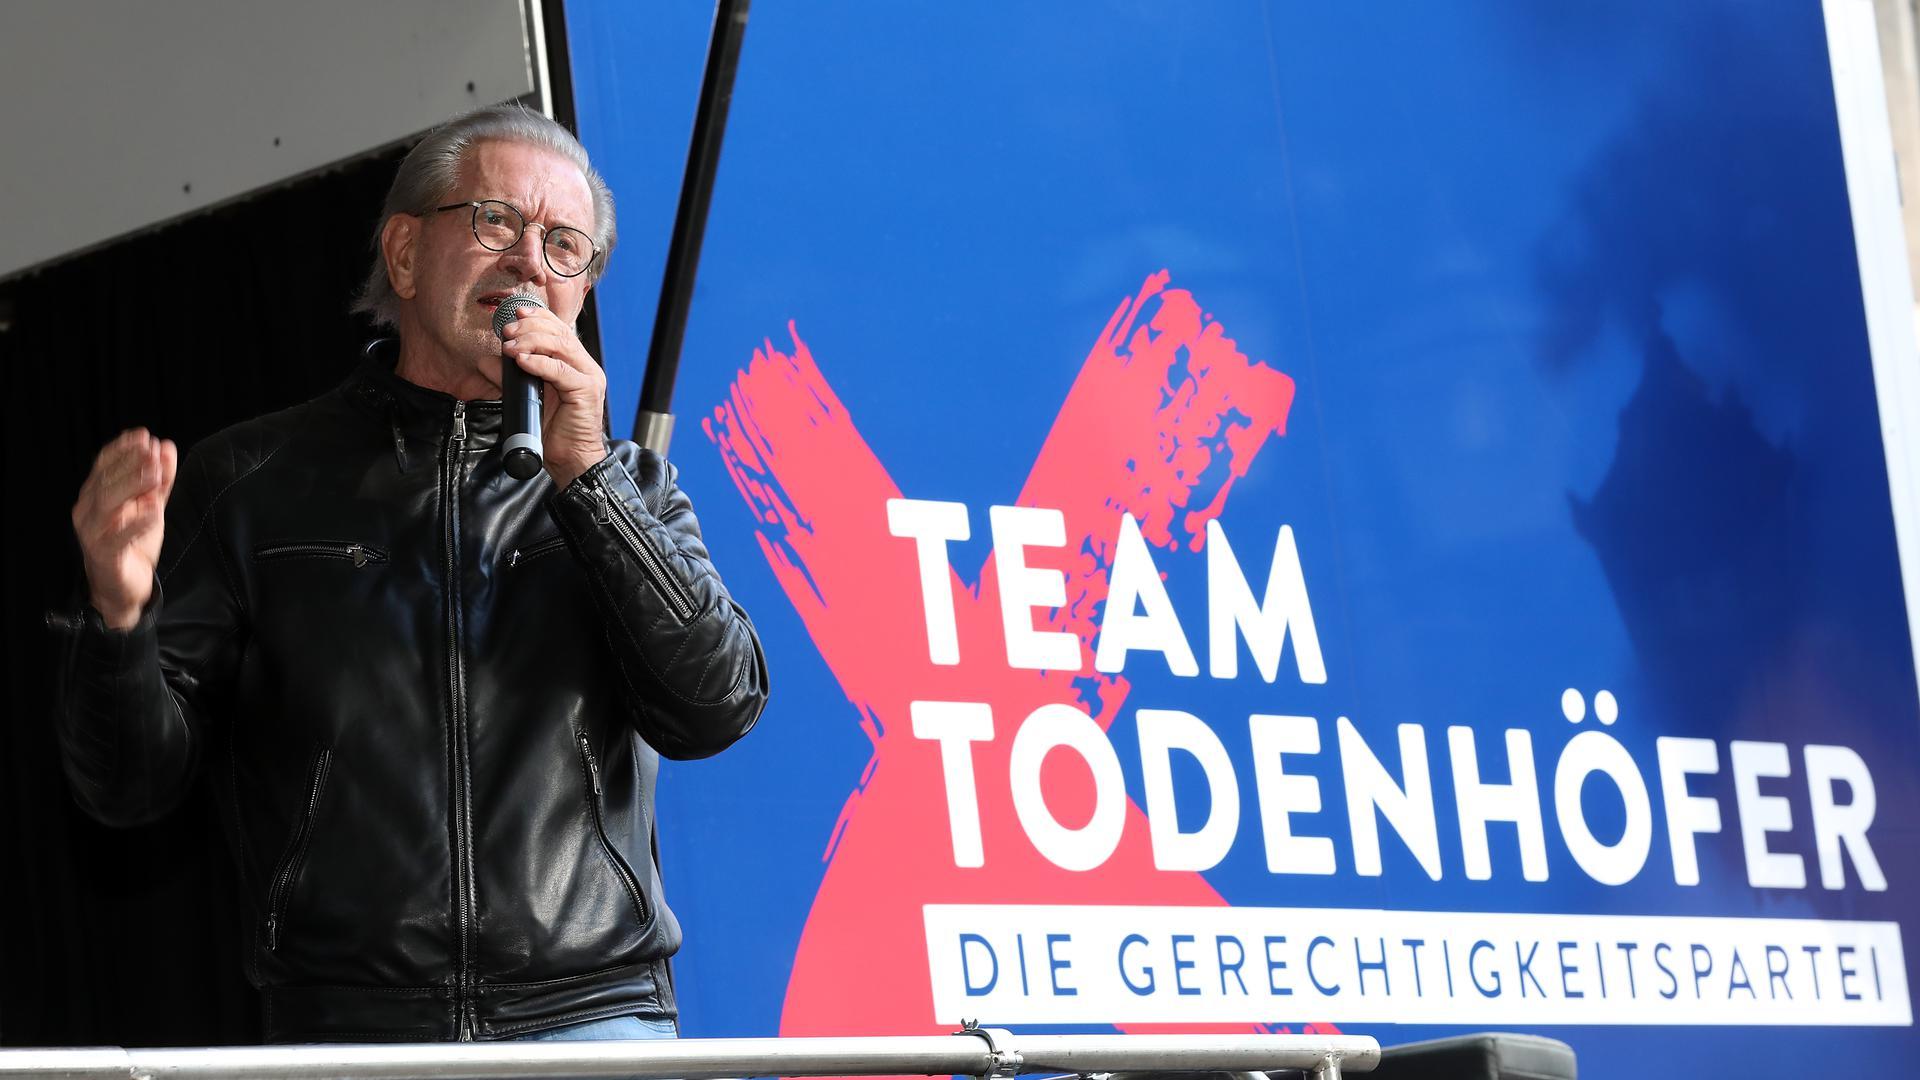 Wahlkampf vor Ort: Jürgen Todenhöfer tritt zur Bundestagswahl an und spricht vor rund 200 Menschen auf dem Friedrichsplatz.